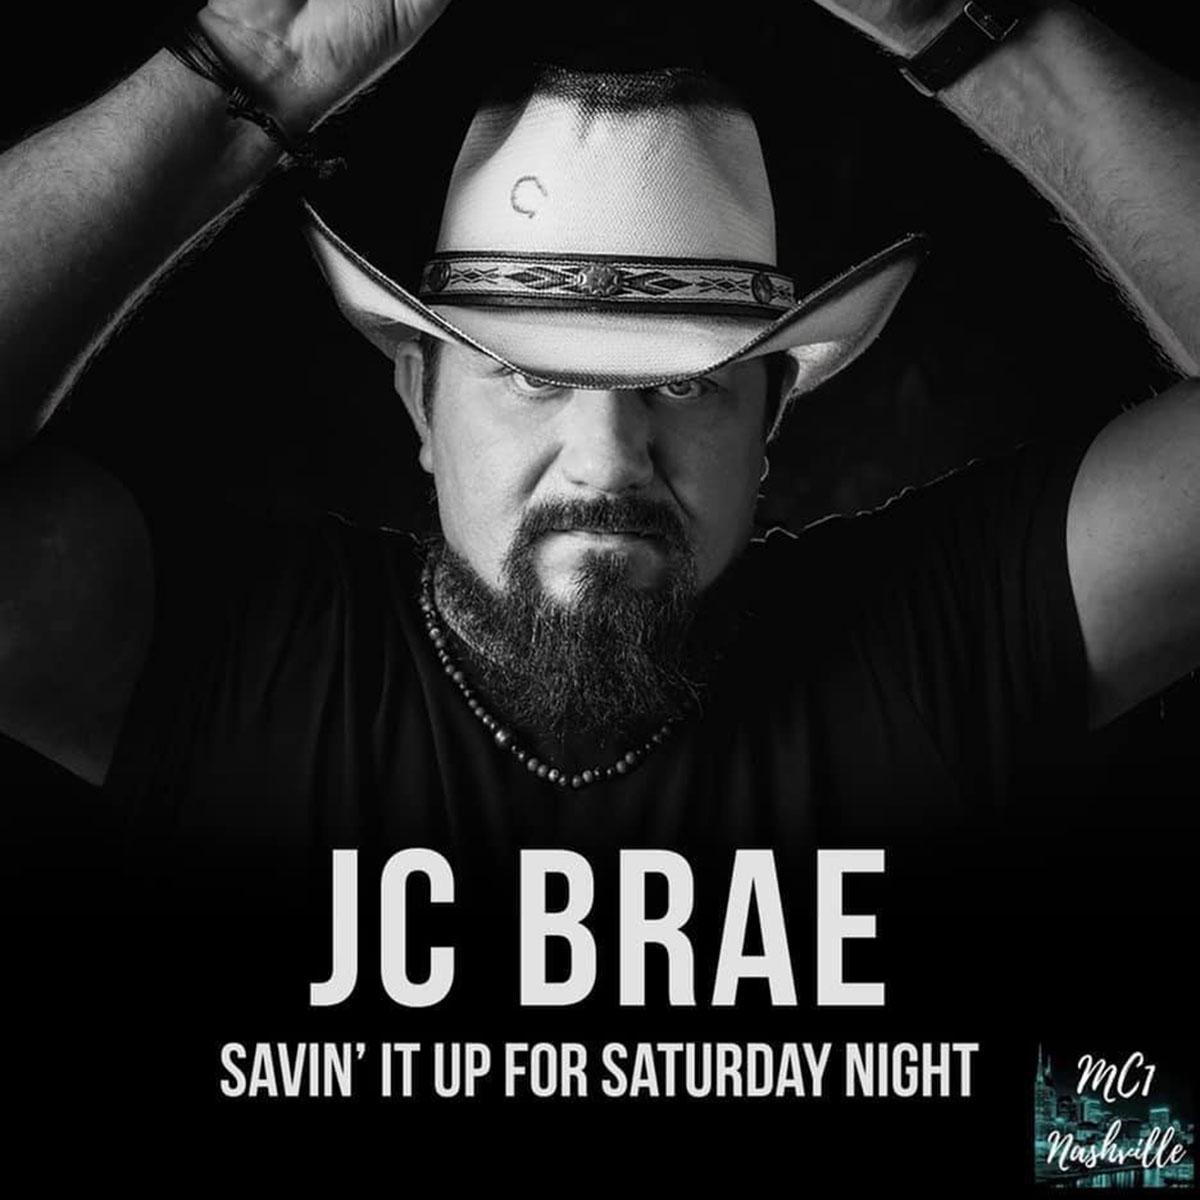 JC Brae